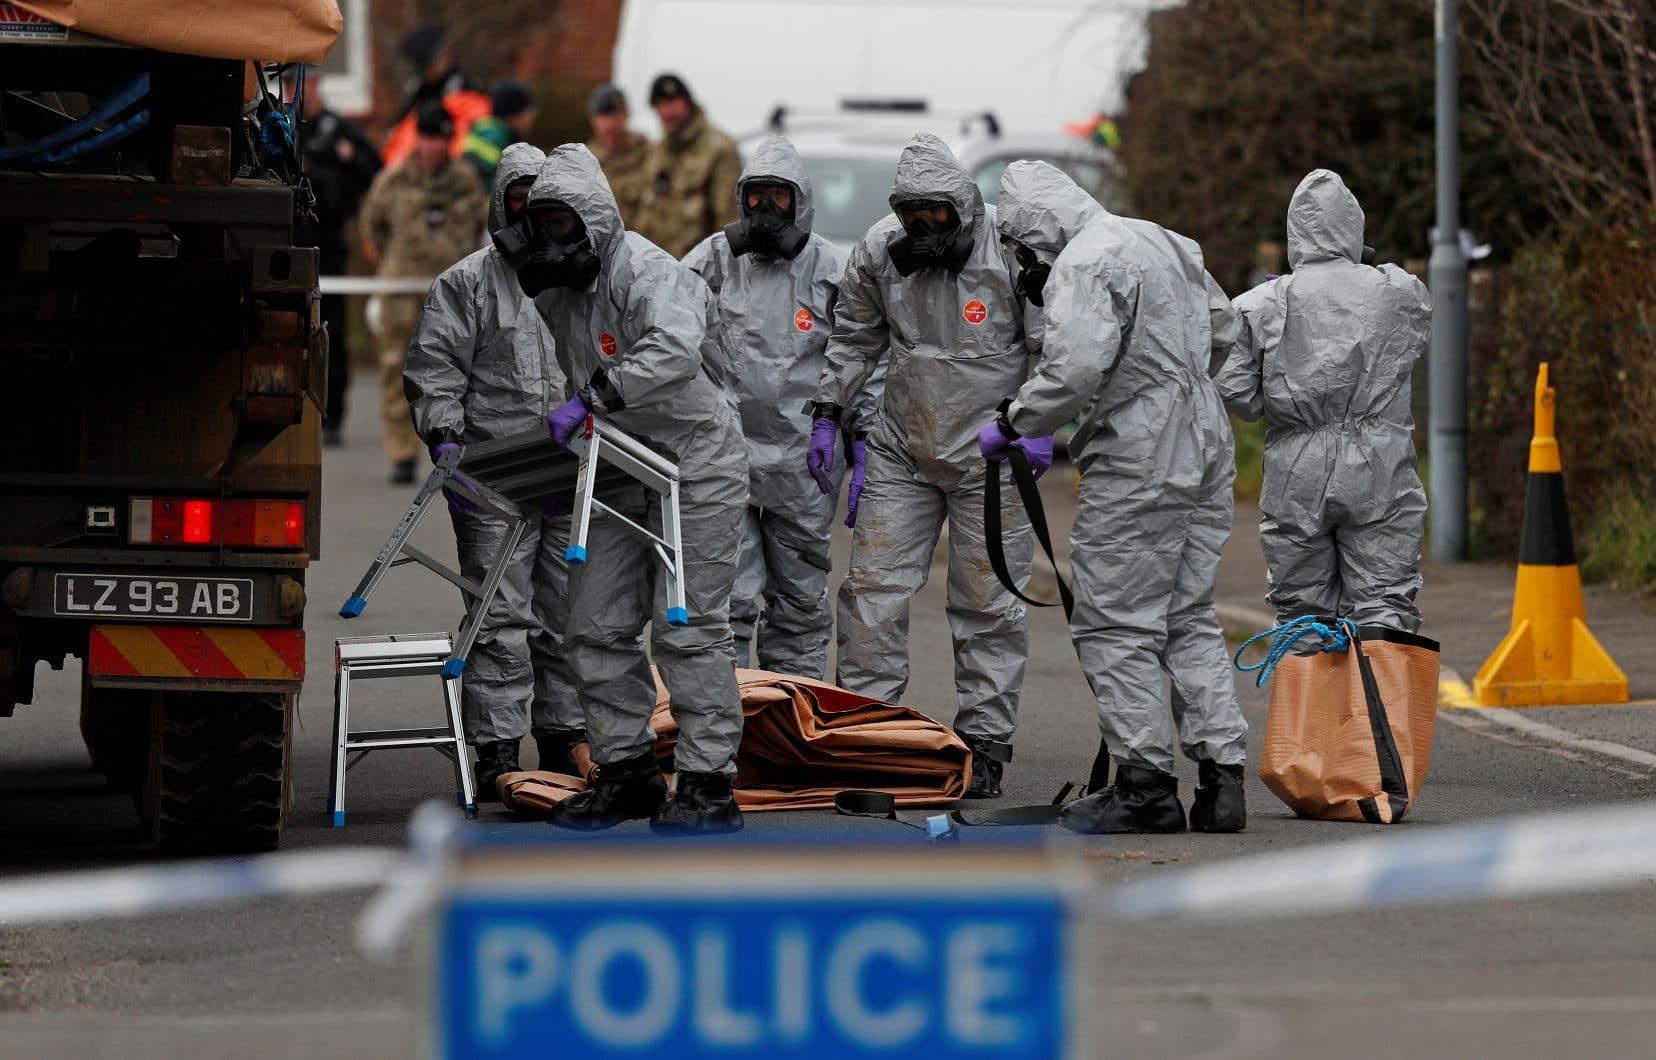 <p>L'OIAC a annoncé jeudi que les analyses en laboratoires «confirment les découvertes du Royaume-Uni quant à l'identité de l'agent chimique toxique utilisé à Salisbury».</p>